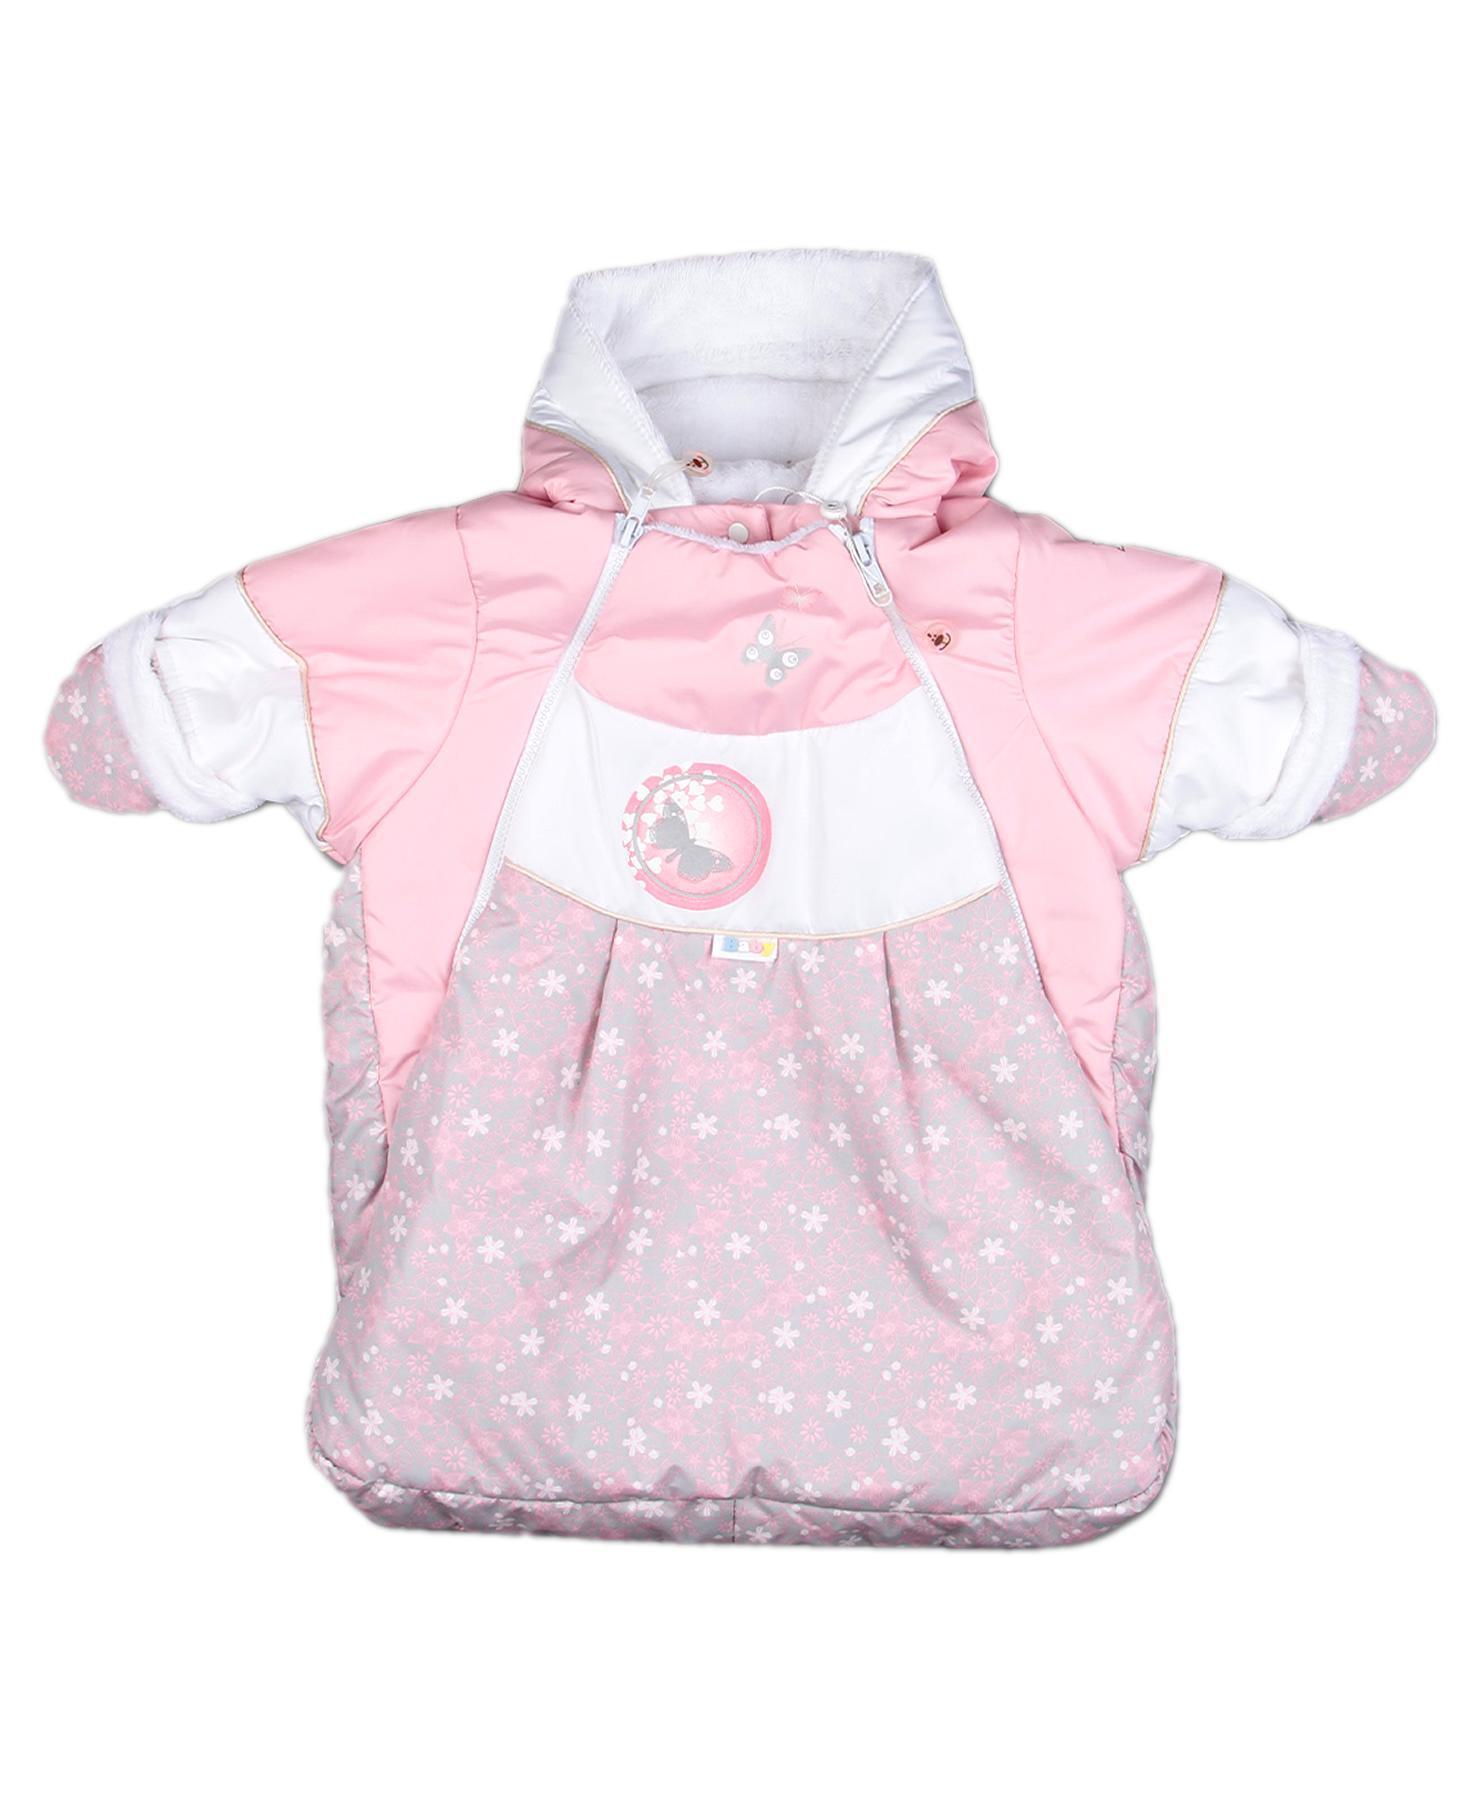 Конверты на выписку Конверт для новорожденного, Весна-Осень, Розовый 415p_rozovyy_1.jpg